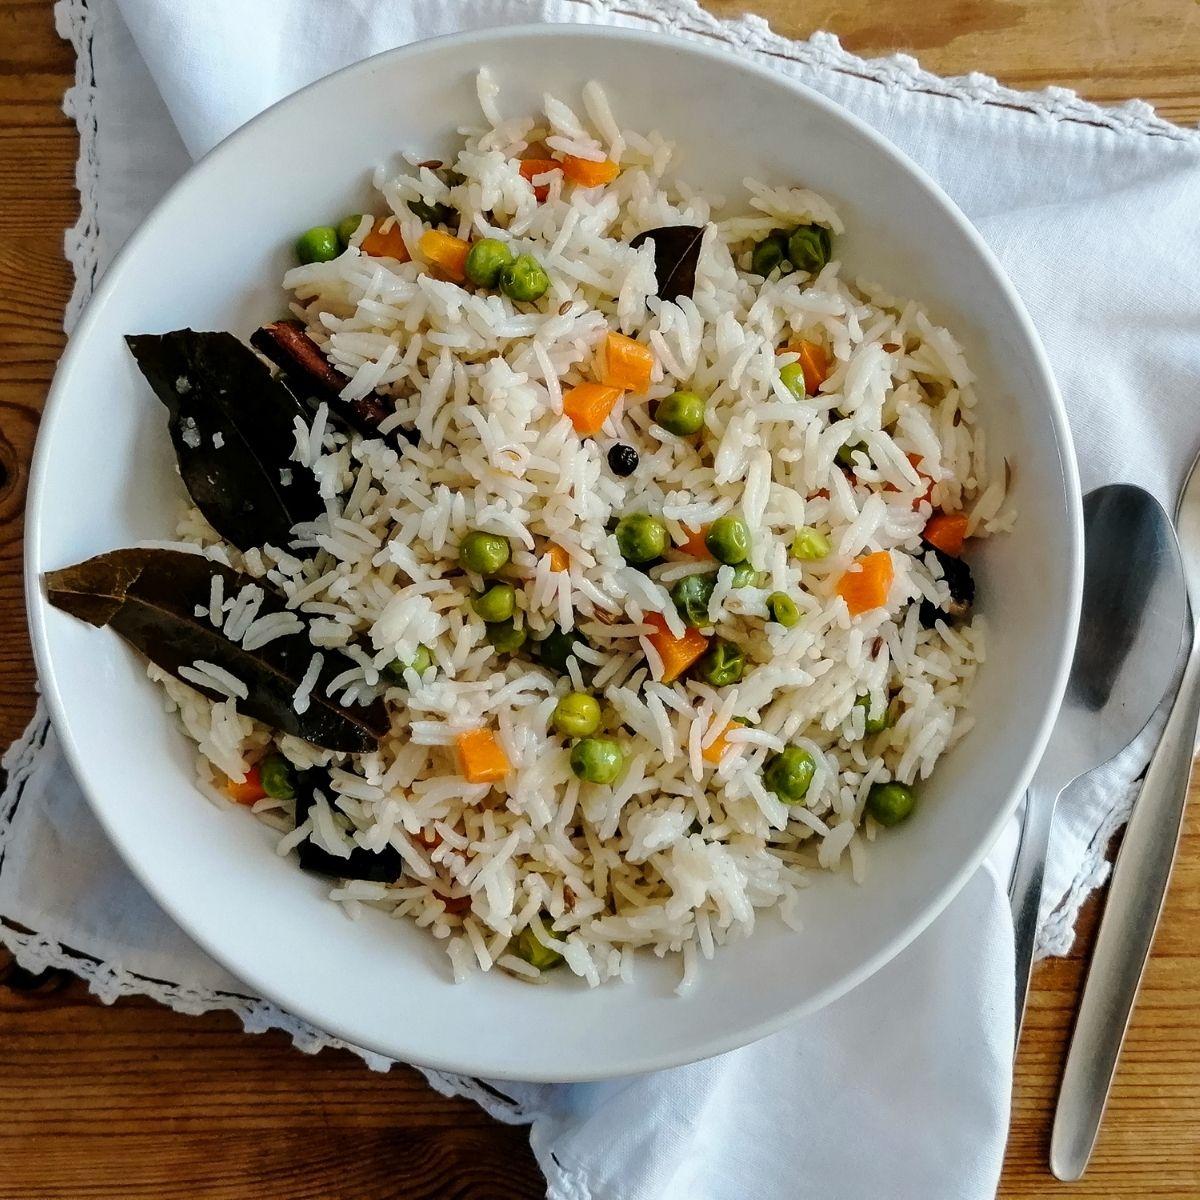 Vegetable pilau rice - Pakistani style